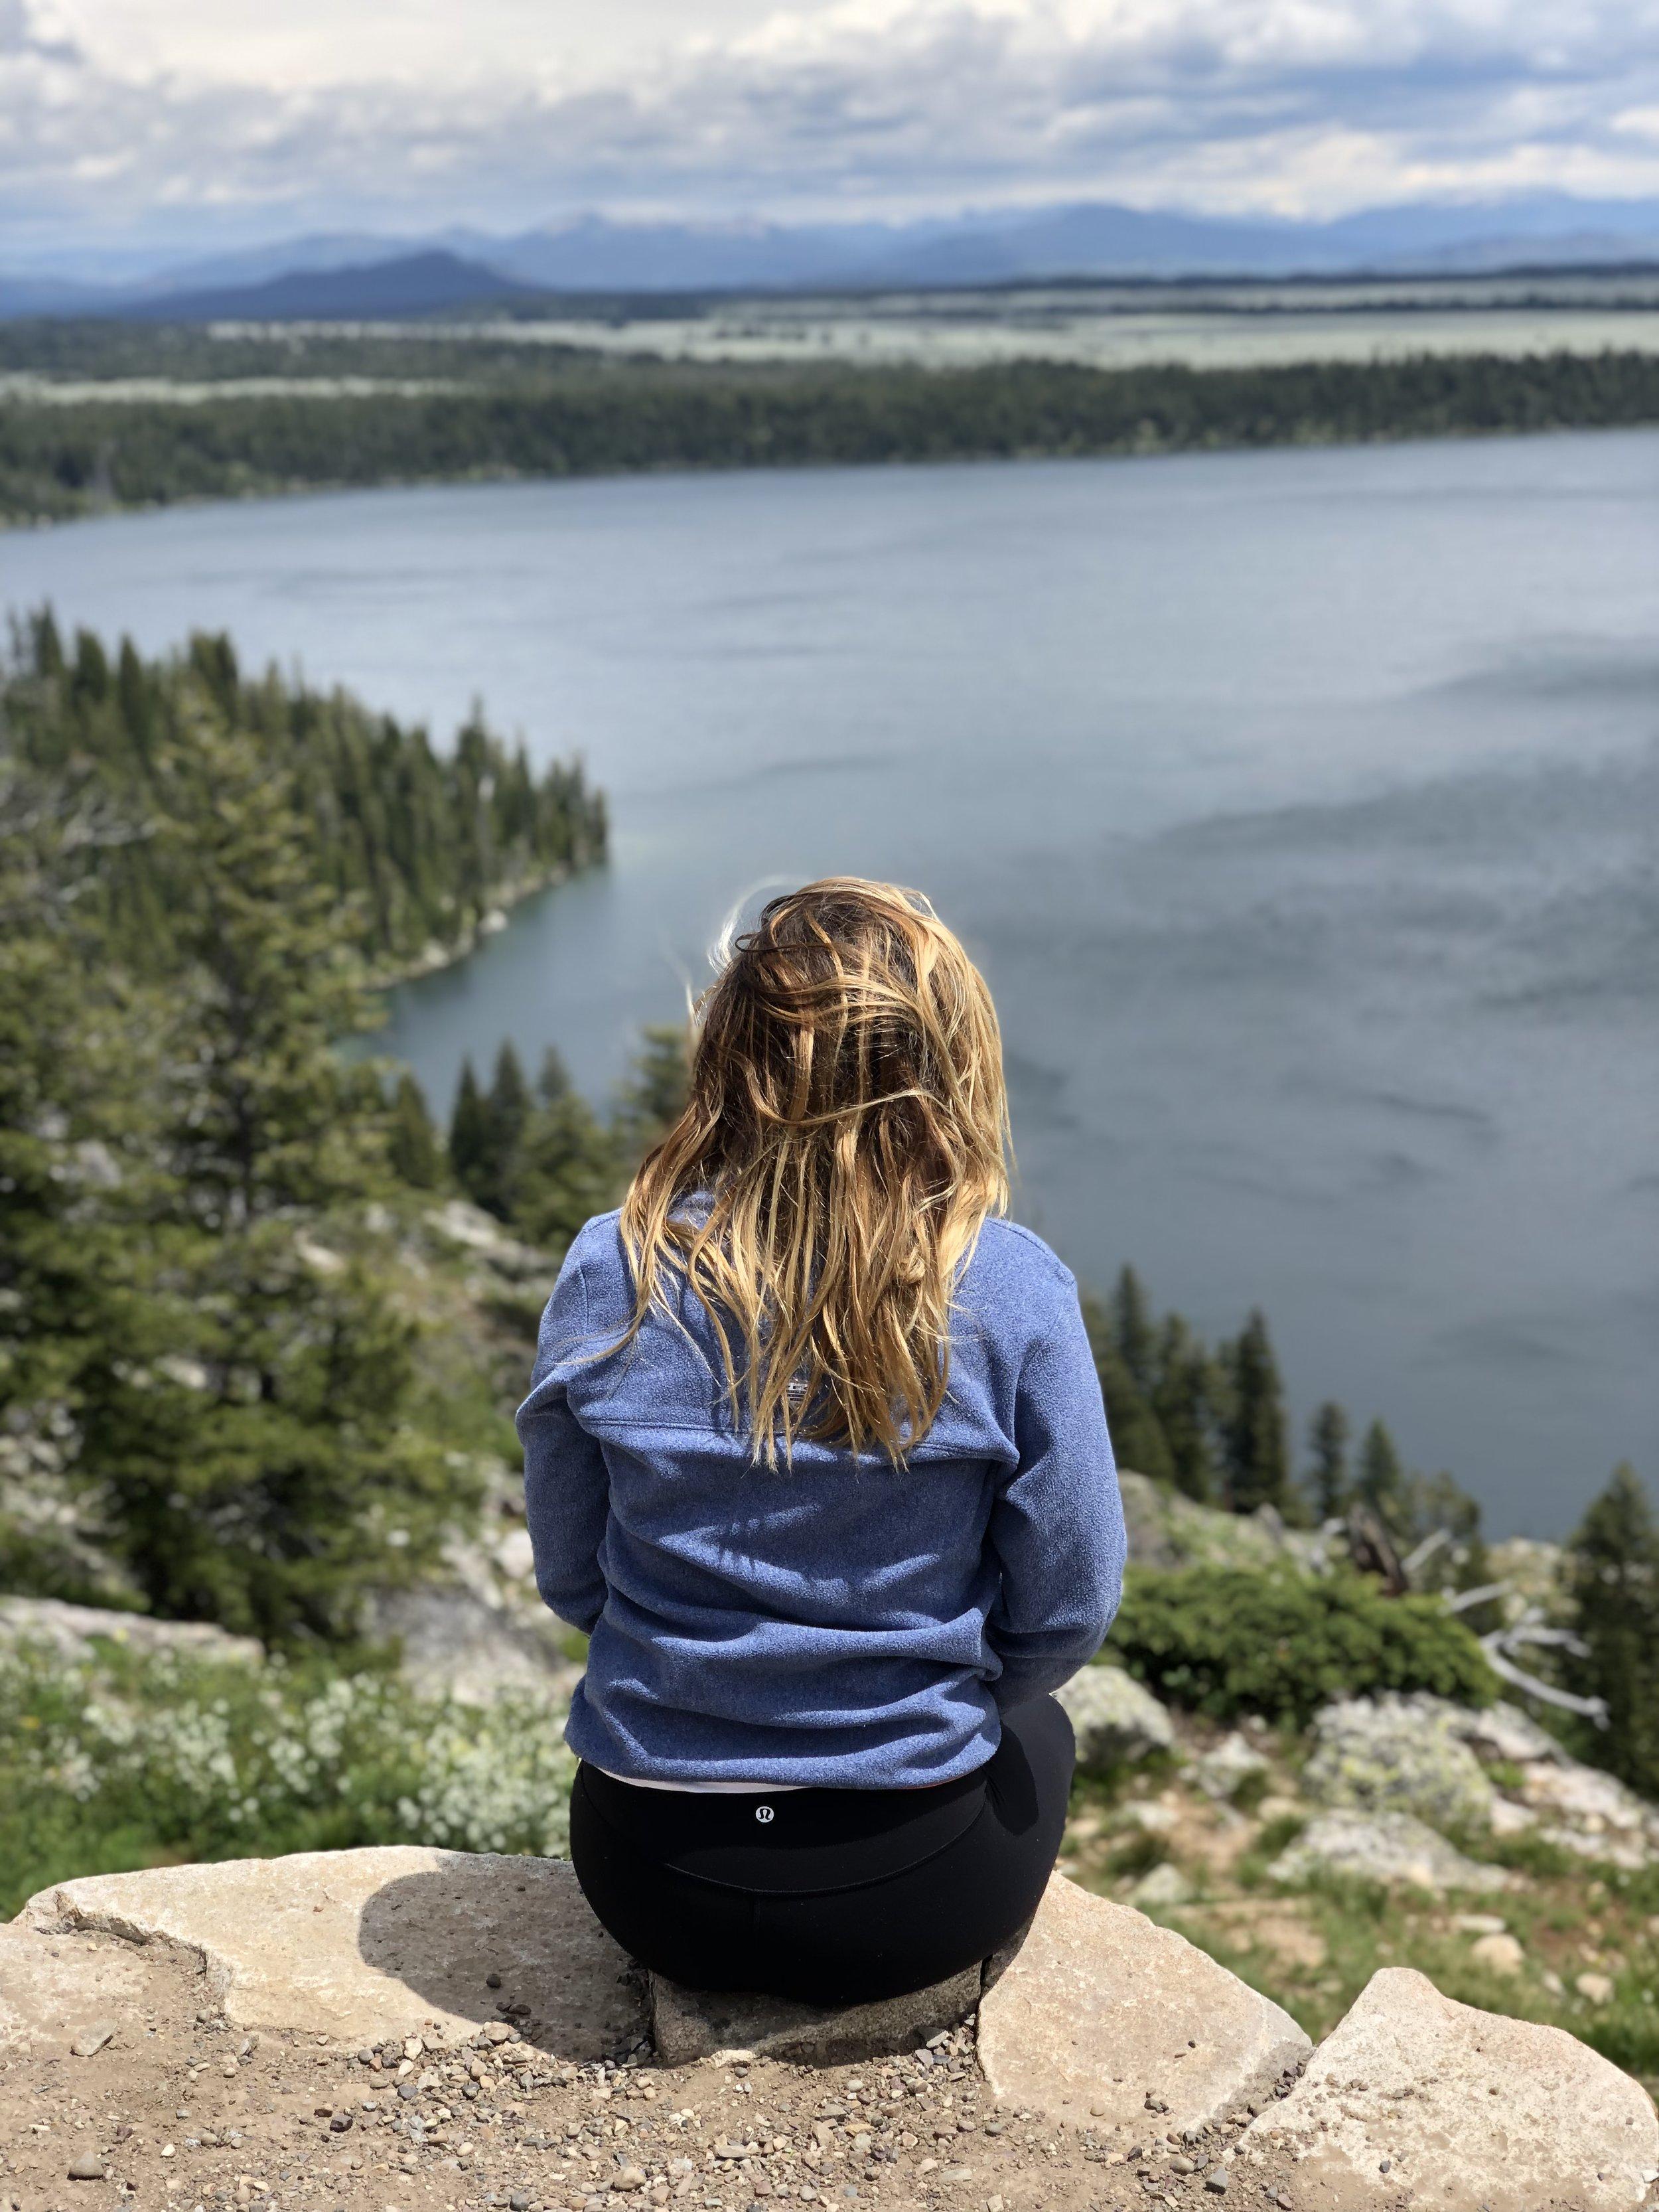 Inspiration Point, Jenny Lake